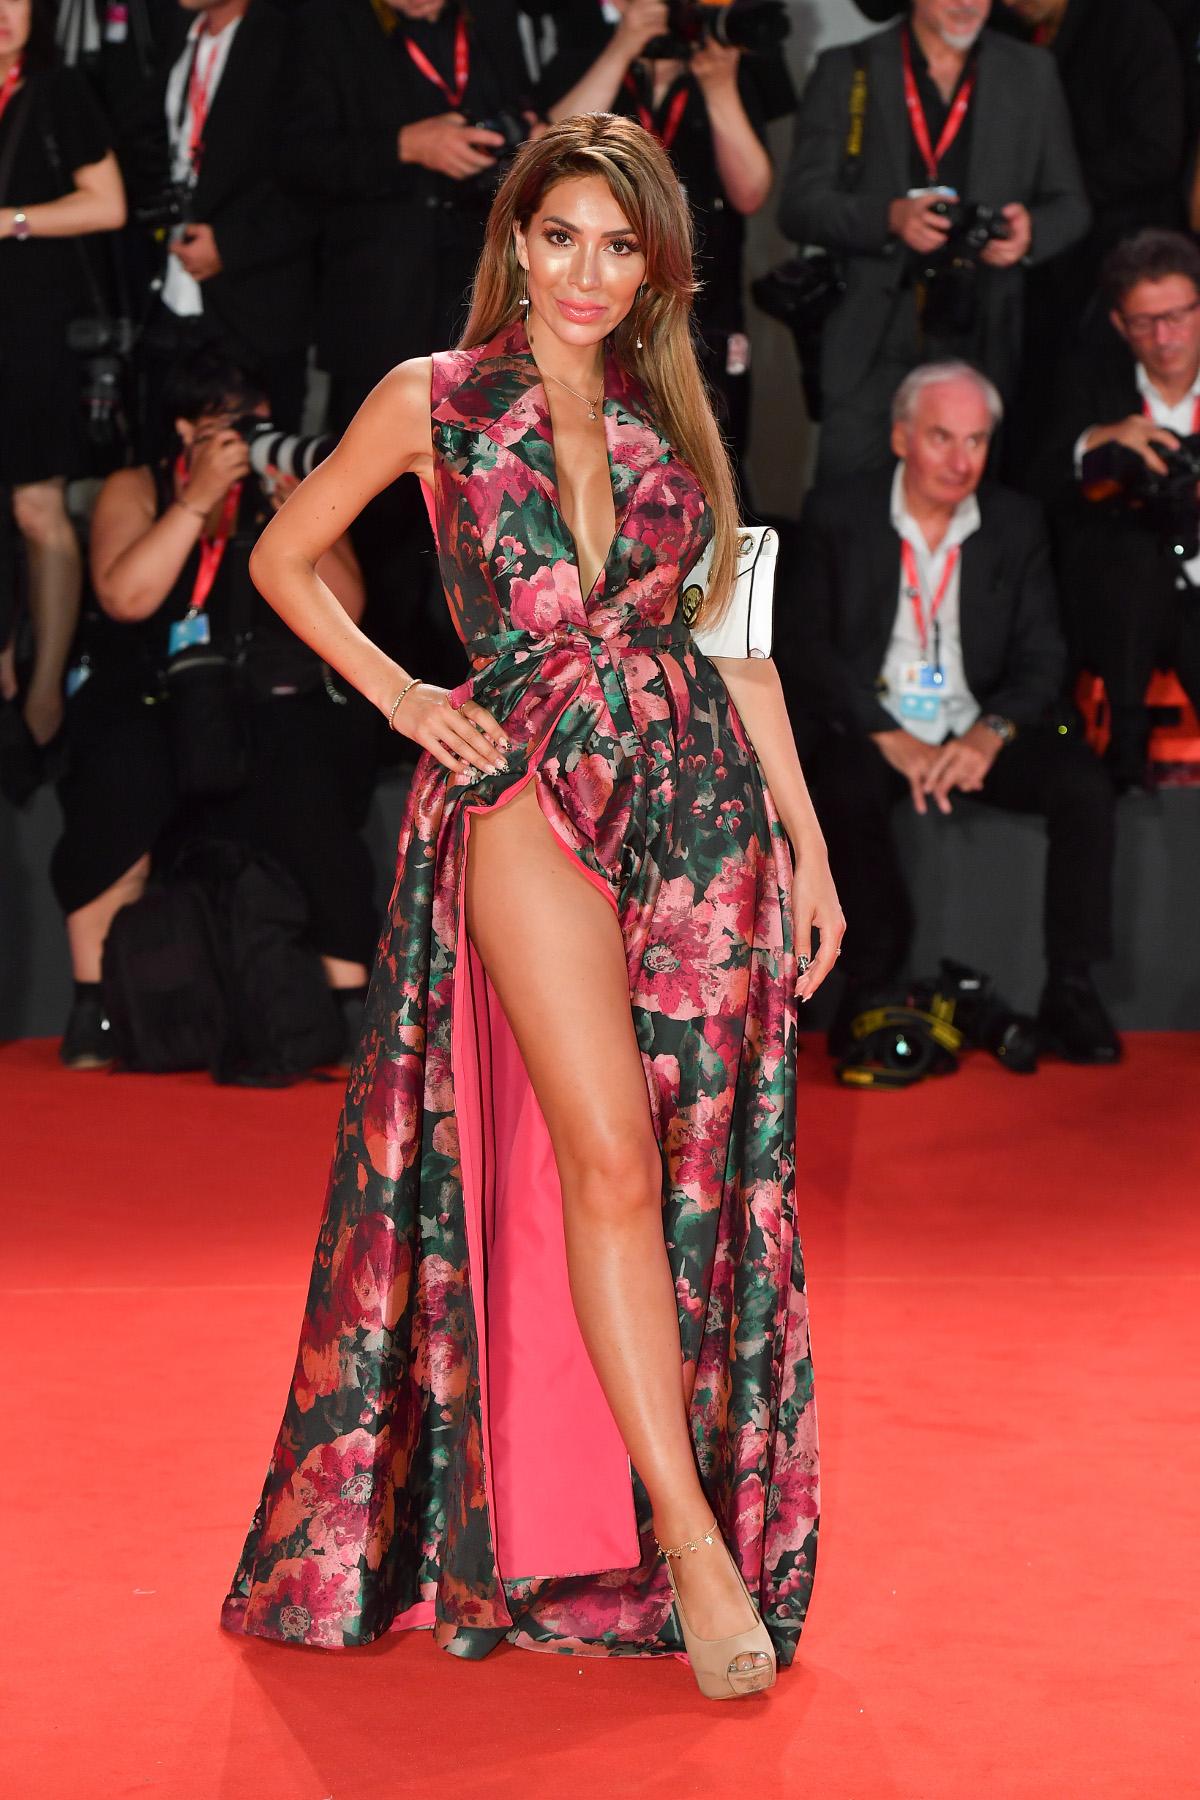 Η Φάρα Άμπραχαμ με φόρεμα του Γάλλου σχεδιαστή Christophe Guilmo